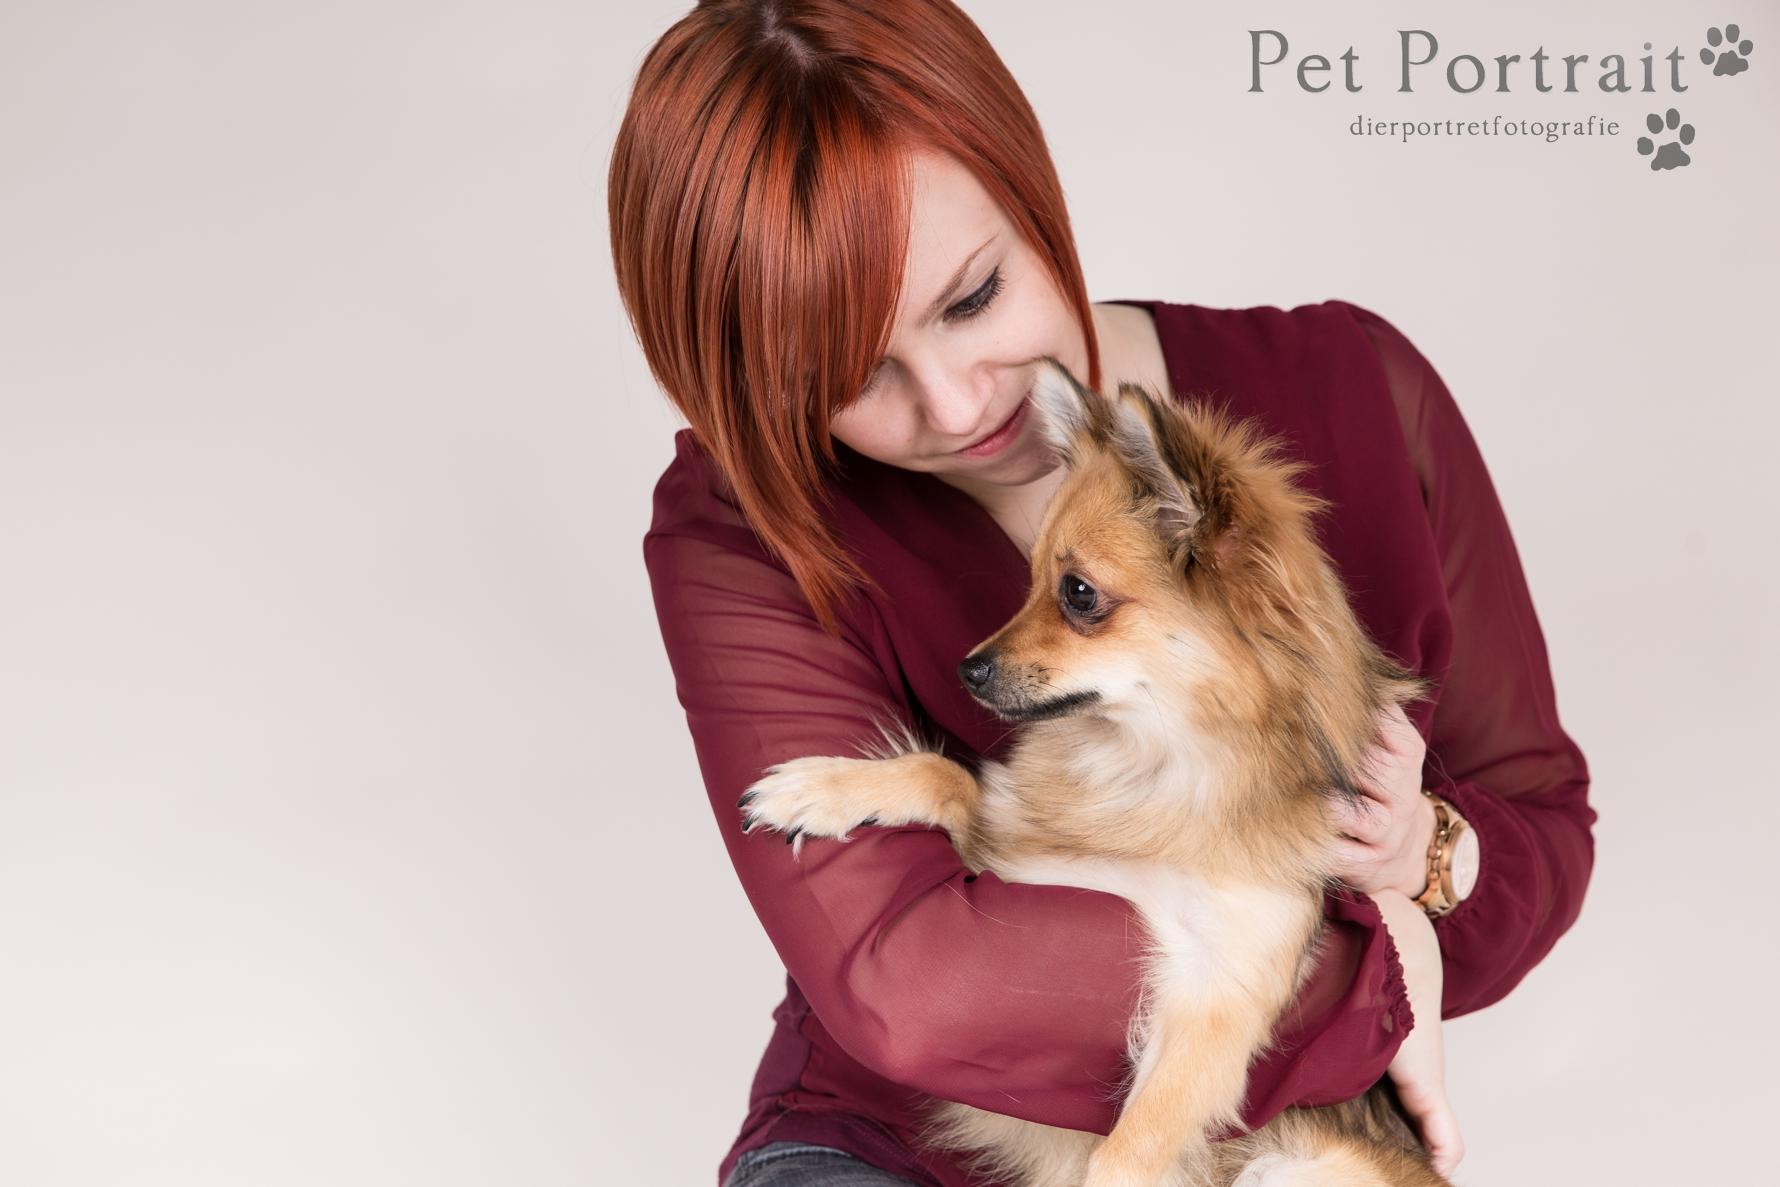 Hondenfotografie Hillegom - Kledingtips fotoshoot - Wat kan ik het beste aantrekken tijdens de shoot?